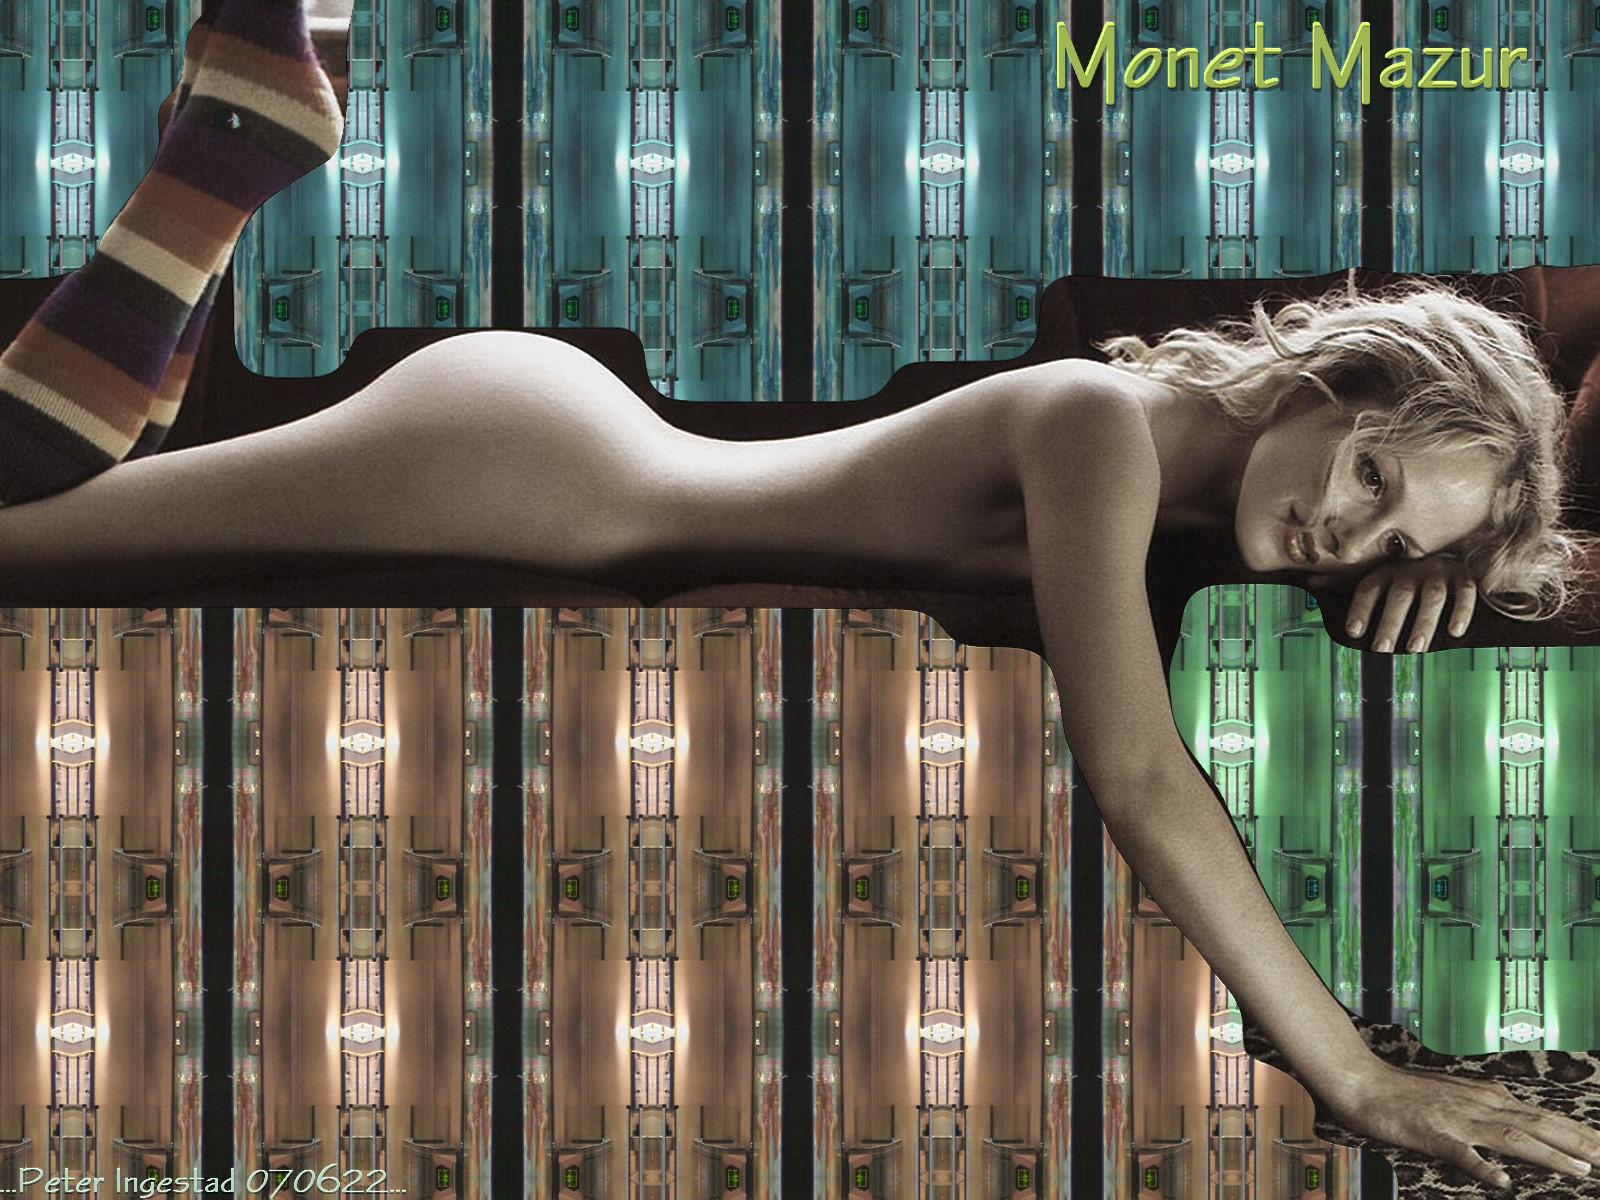 Monet Mazur